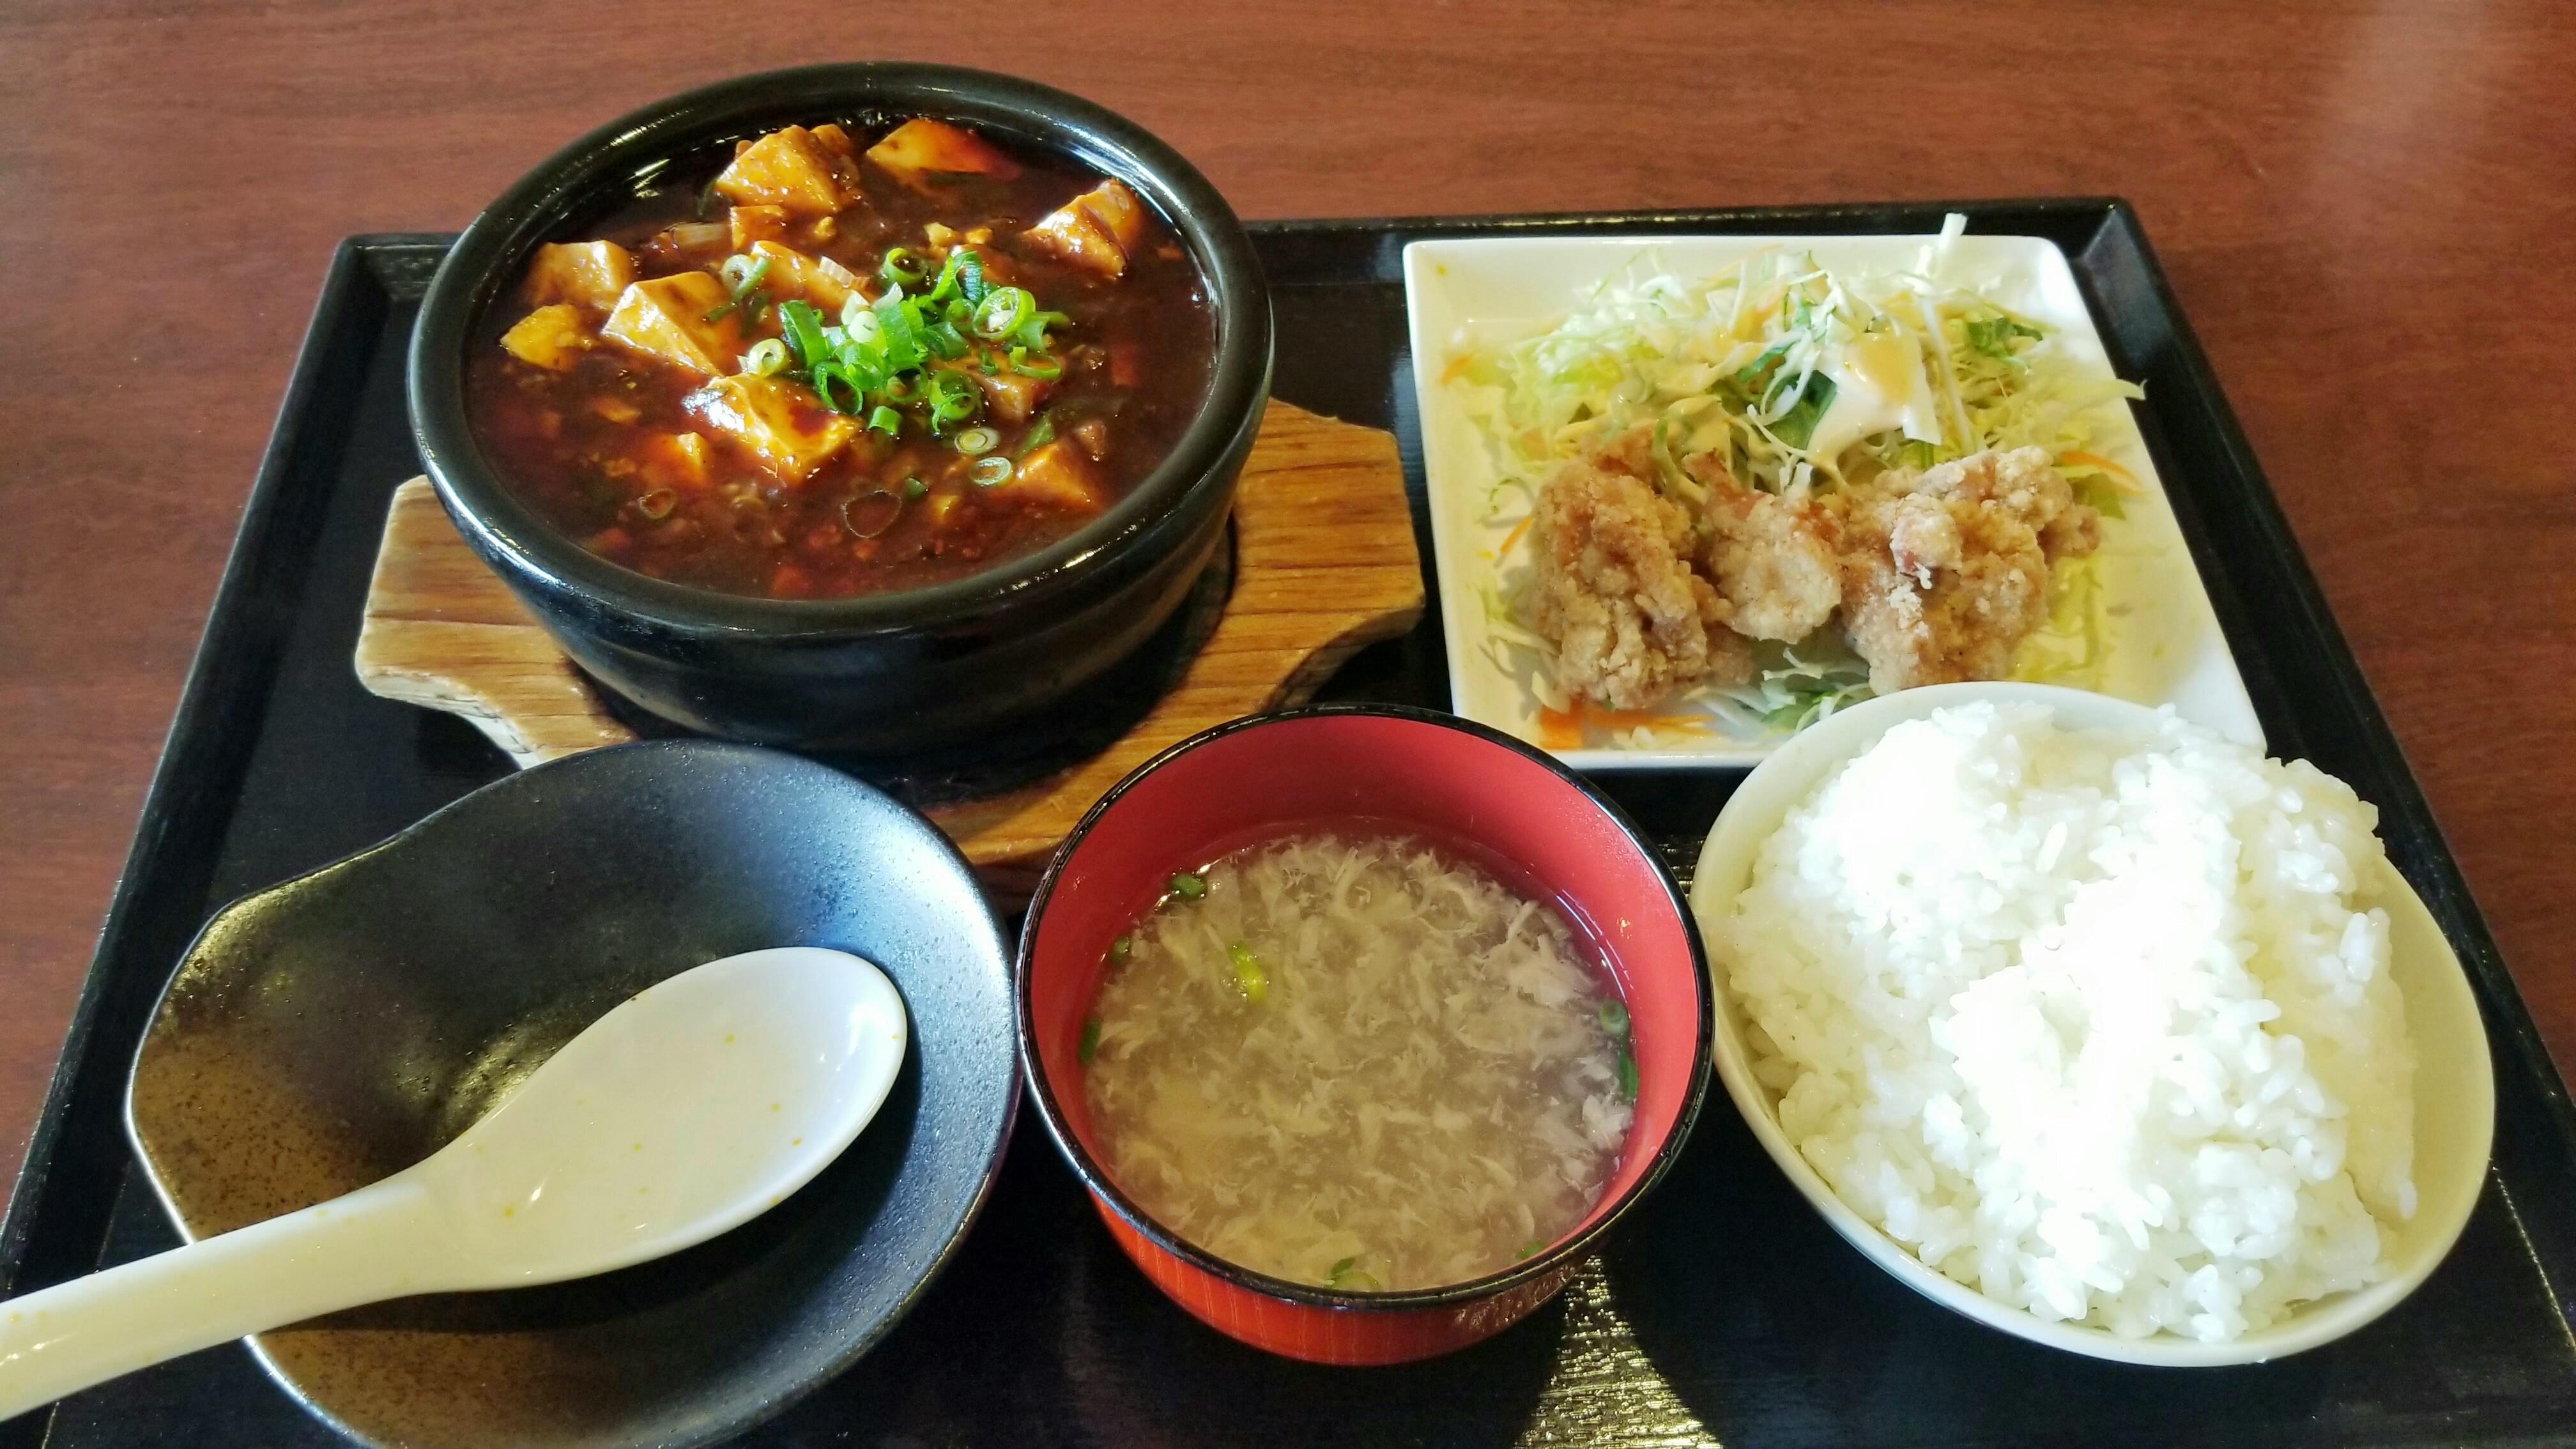 愛媛県松山市美味しい中華料理店屋真心シンシンおすすめ日替わり定食